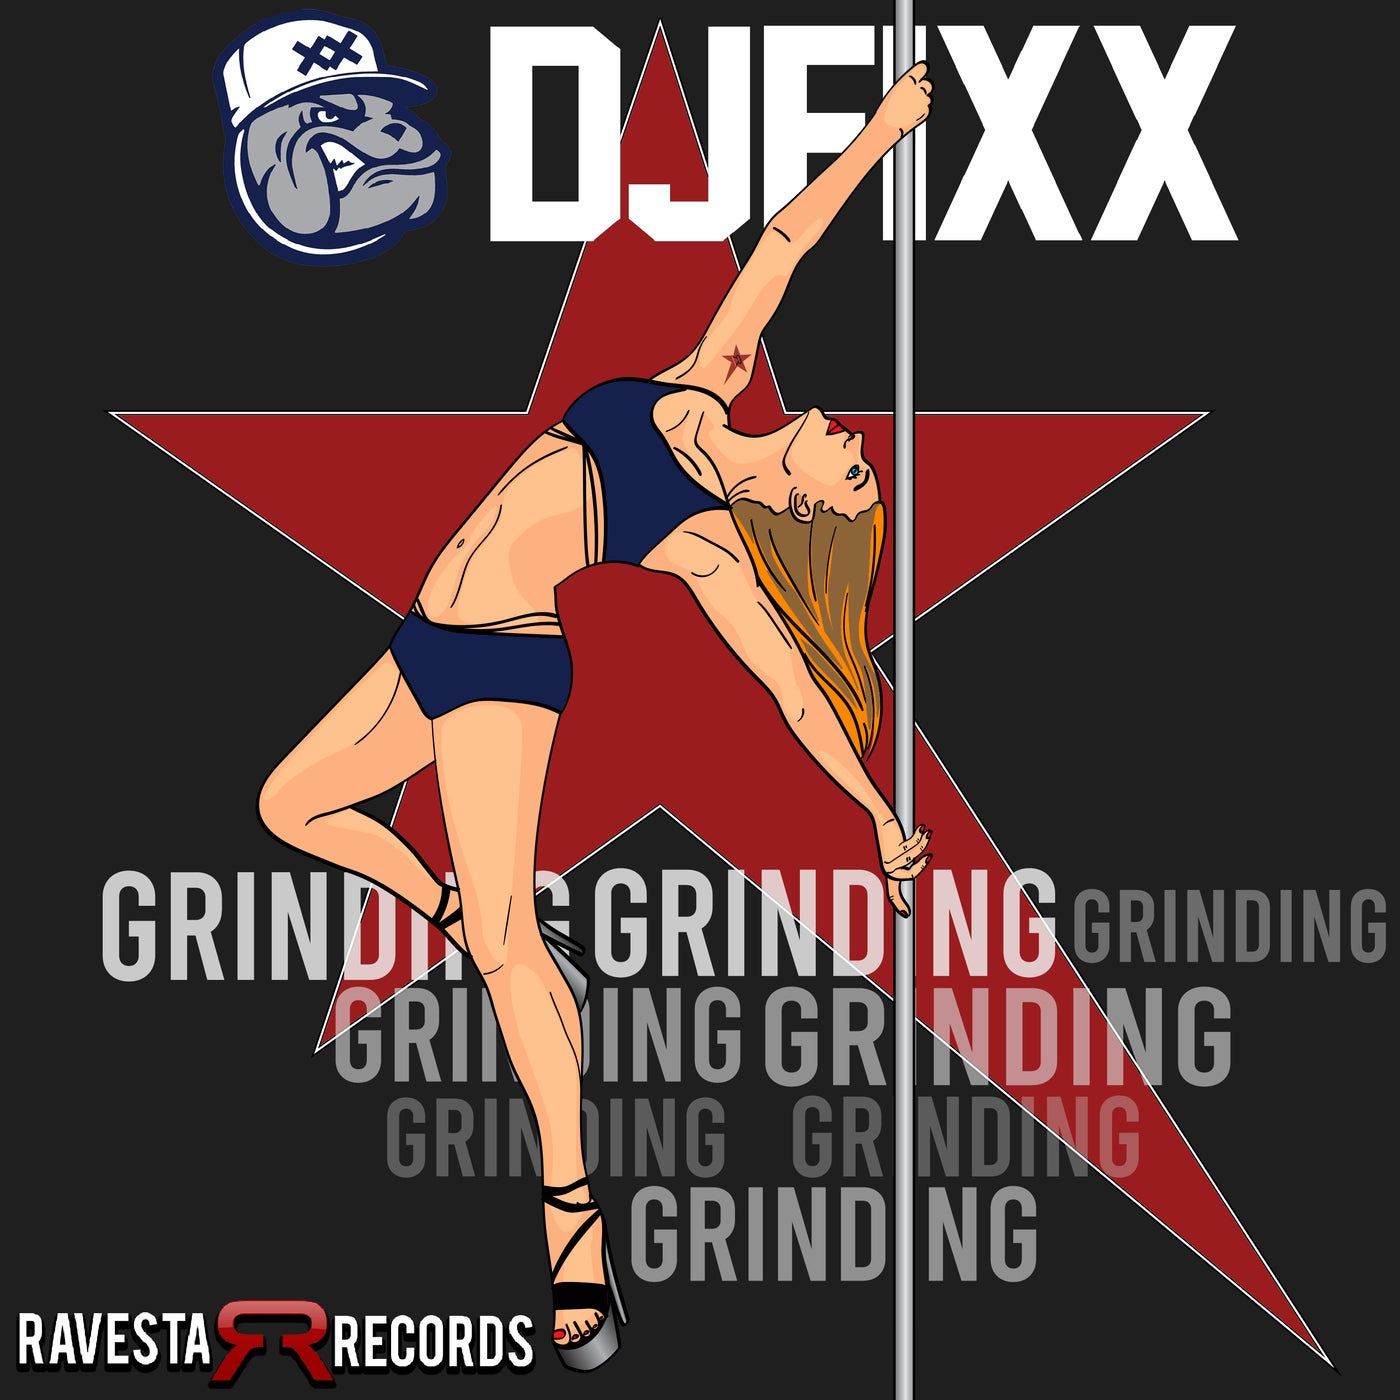 Grinding (Original Mix)